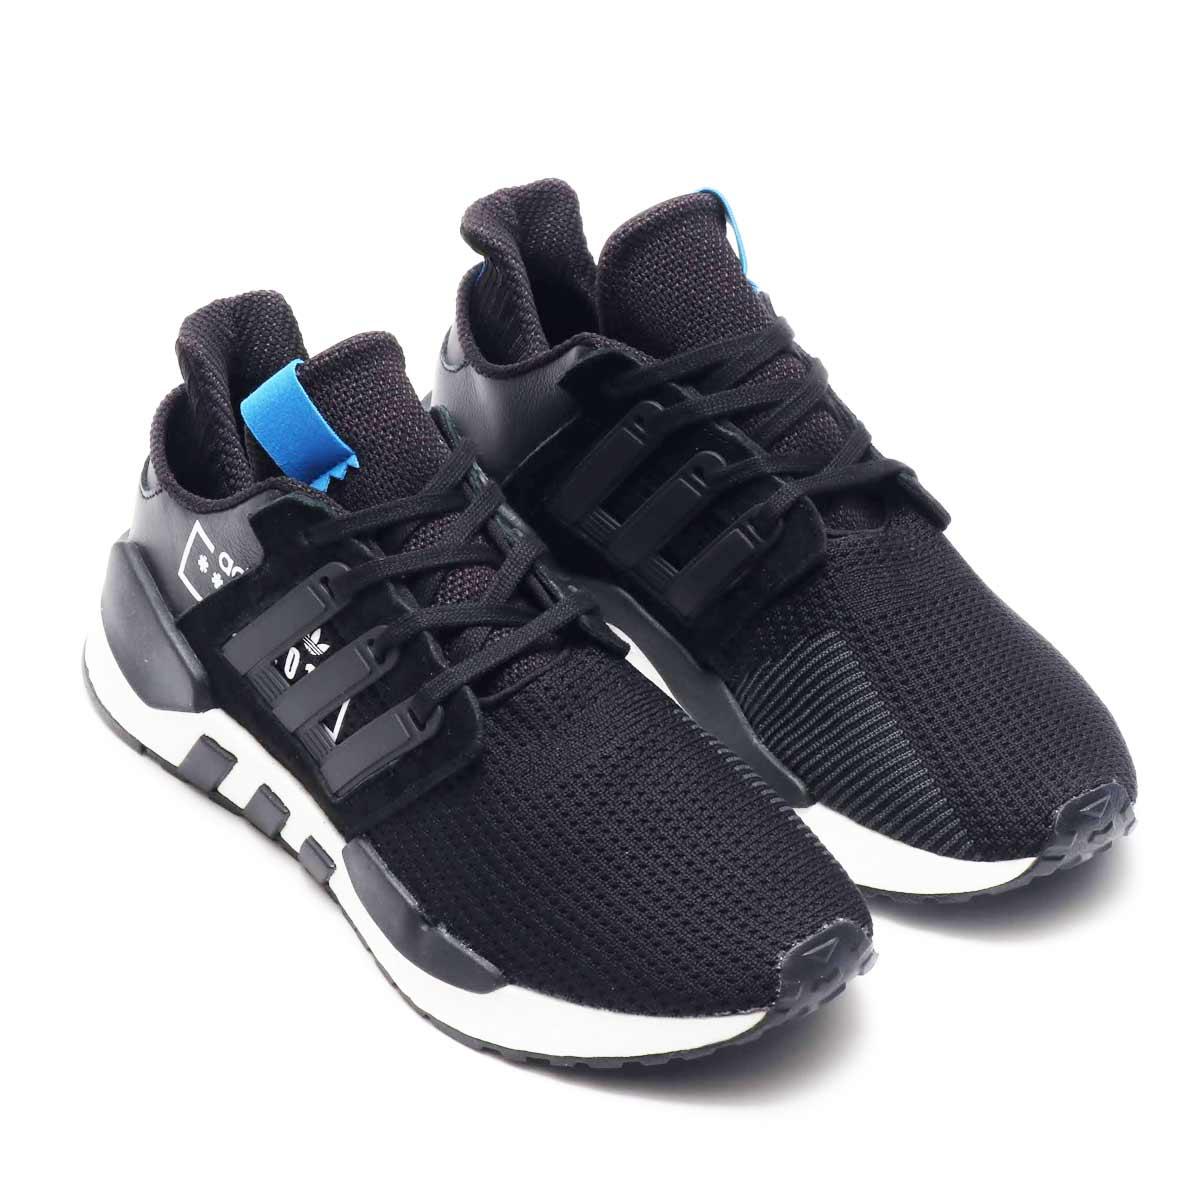 adidas EQT SUPPORT 91/18 AT(アディダス イーキューティーサポート91/18)コアブラック/コアブラック/ブルーバード【メンズ スニーカー】18FW-I